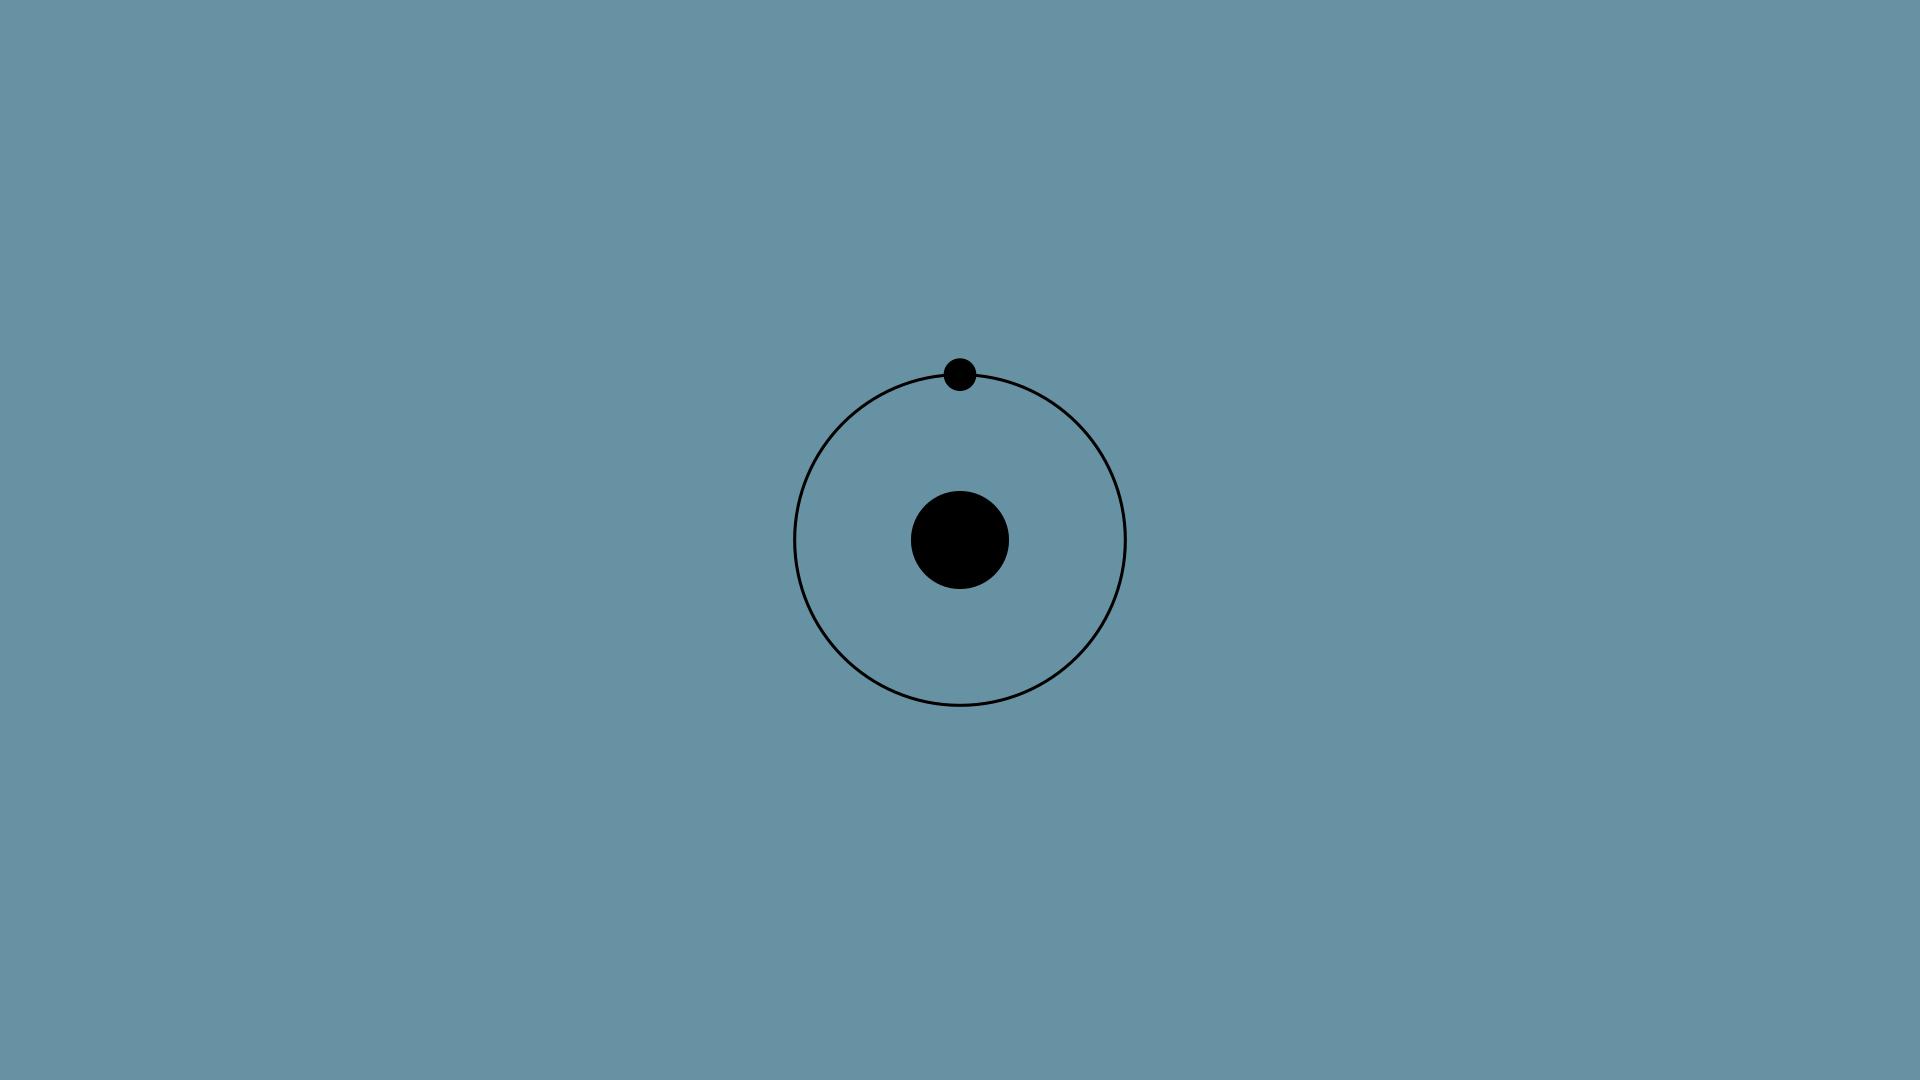 dr manhattan symbol 16x9 by nicolasvisceglio on deviantart